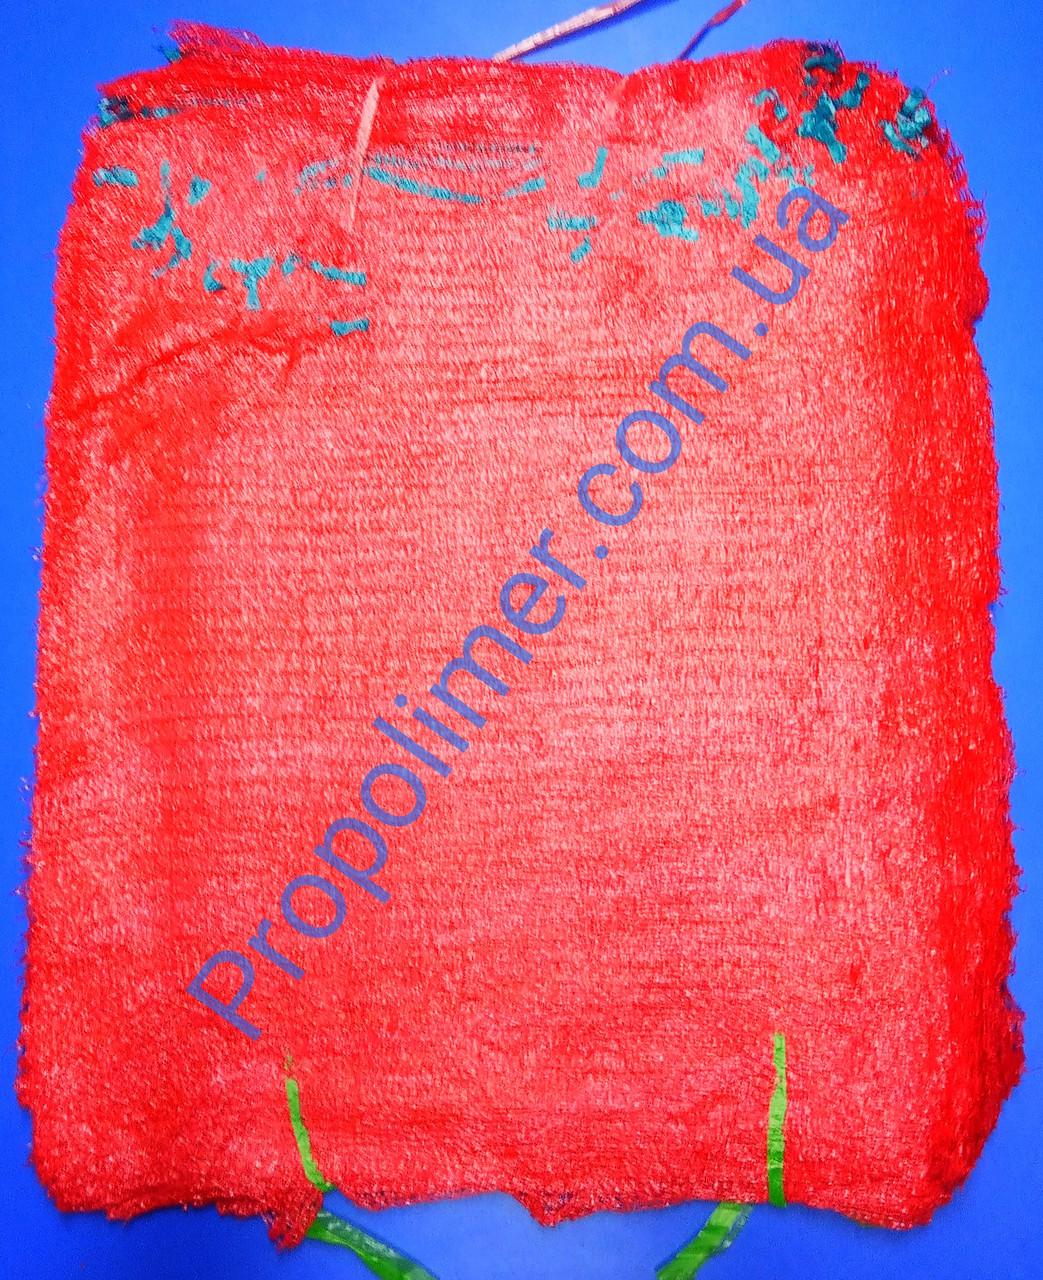 Сетка овощная 40х60см, 20кг с завязкой, красная для упаковки  лука, чеснока